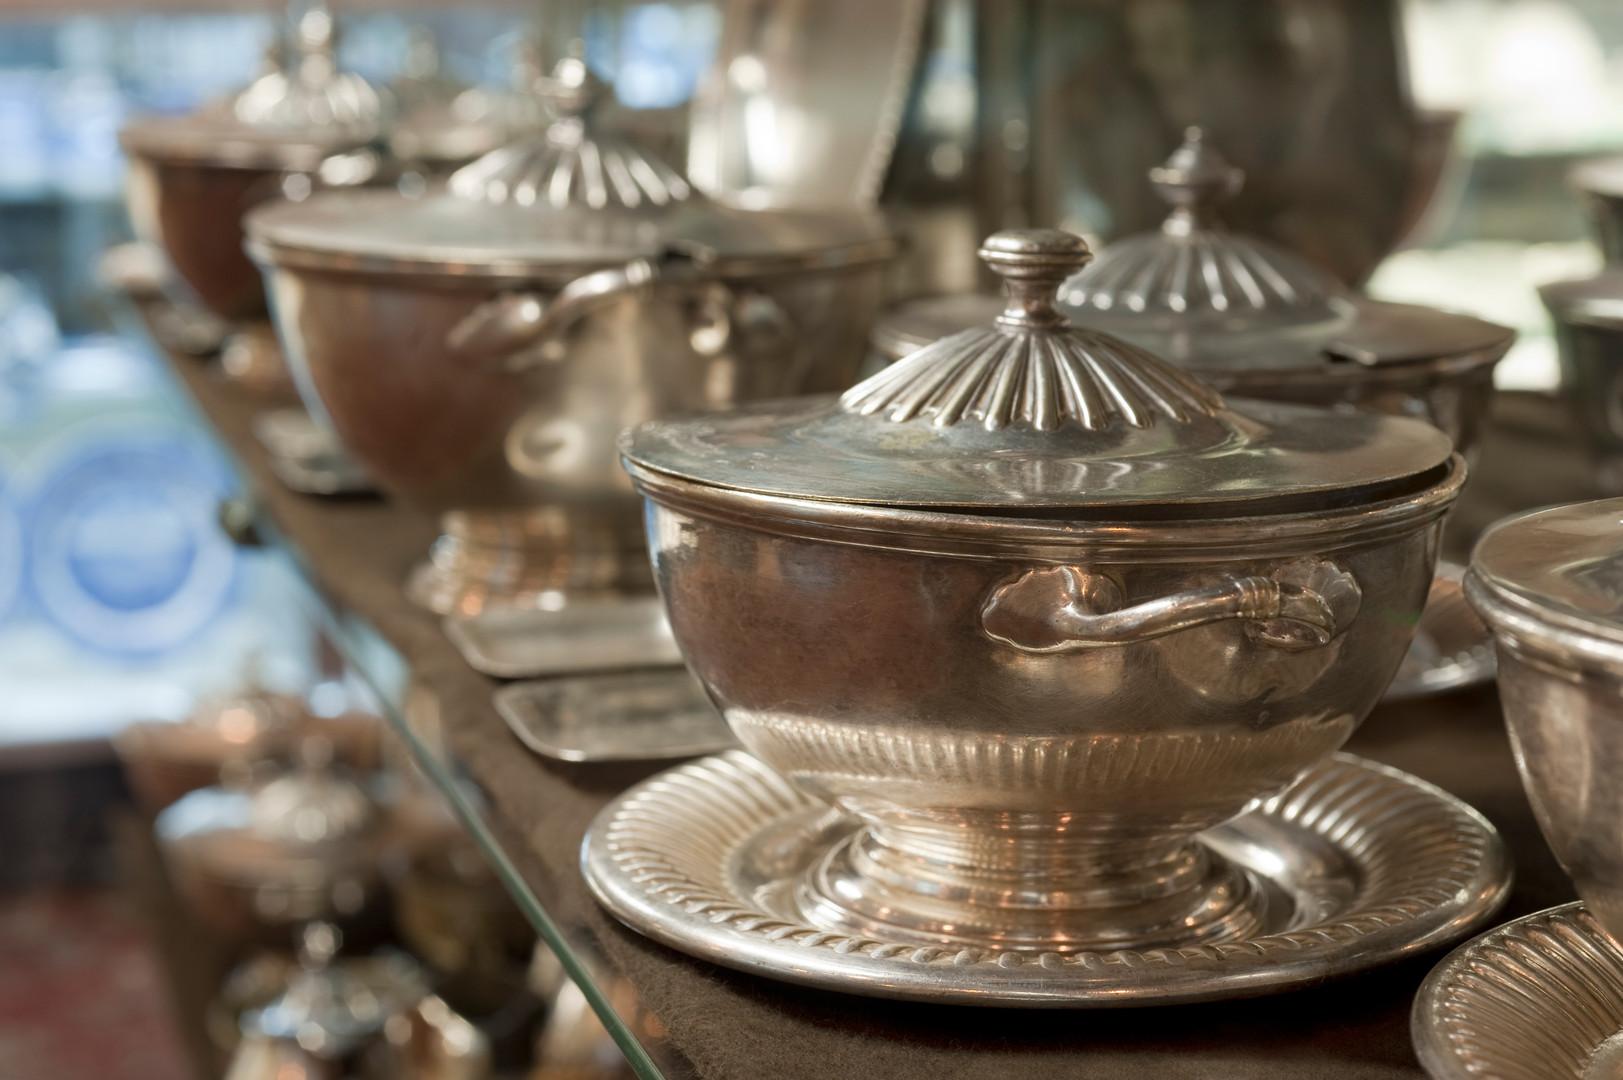 Santa Fe covered silver bowls.